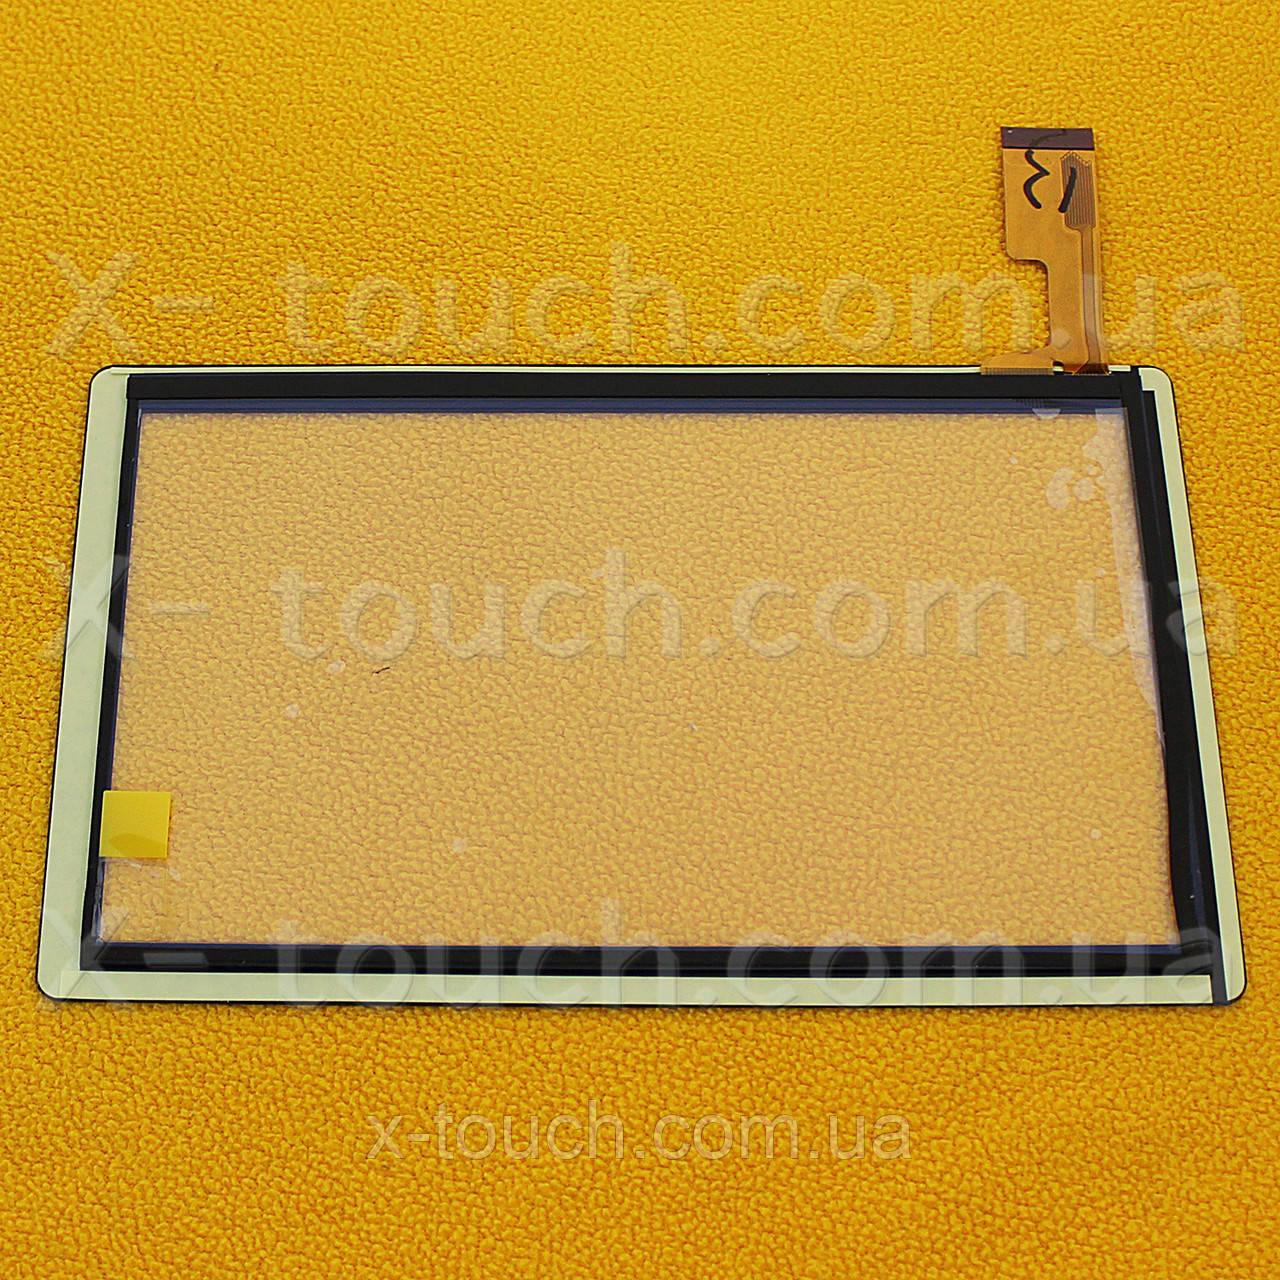 Тачскрин, сенсор  H-CTP070-011FPC  для планшета